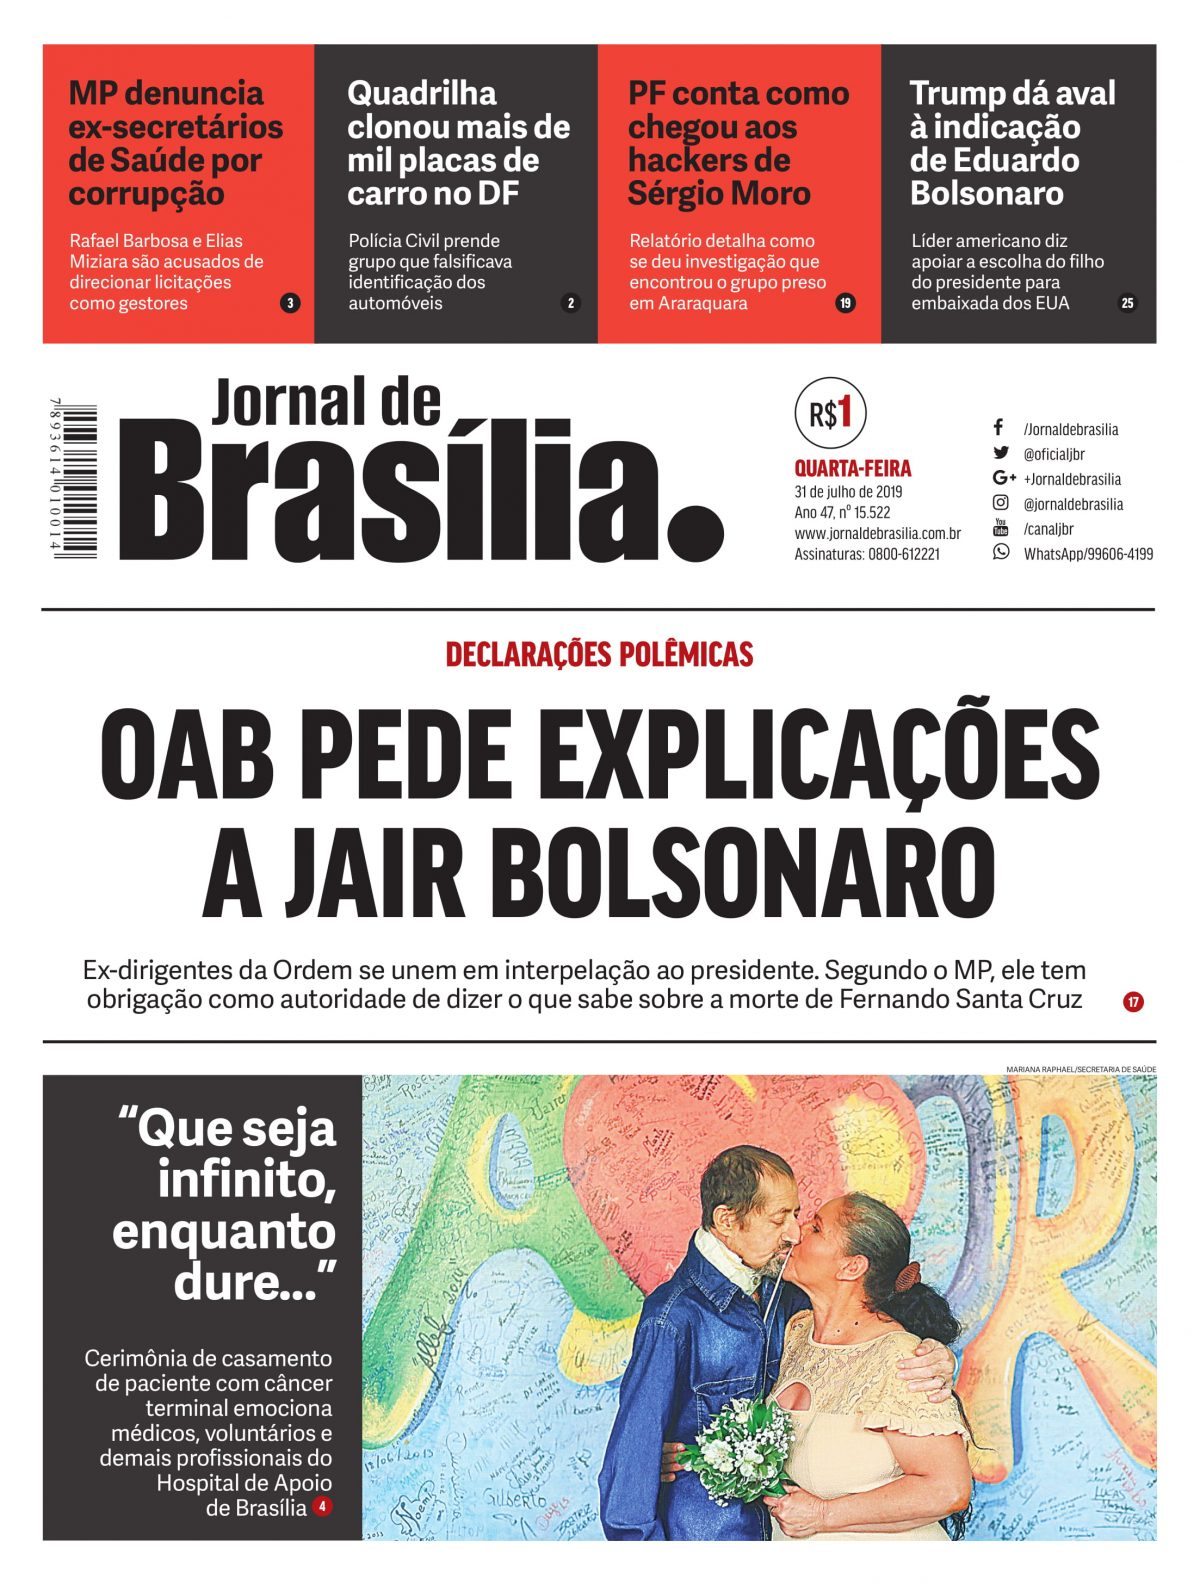 Edição Digital do Jornal de Brasília impresso, publicado em 31 de julho de 2019